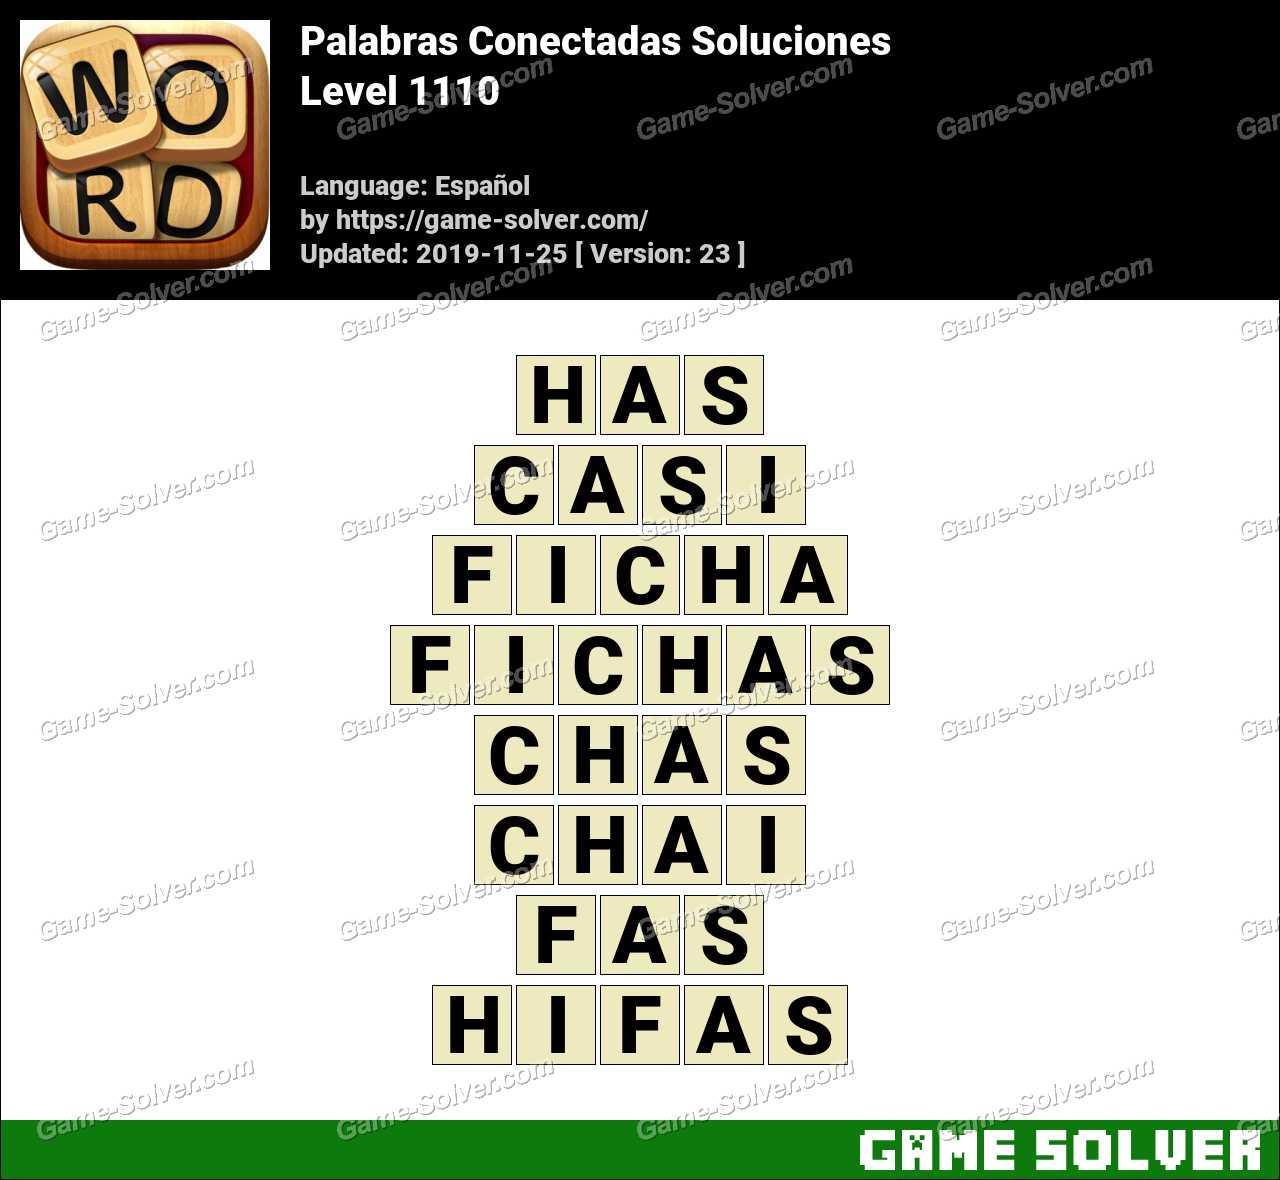 Palabras Conectadas Nivel 1110 Soluciones